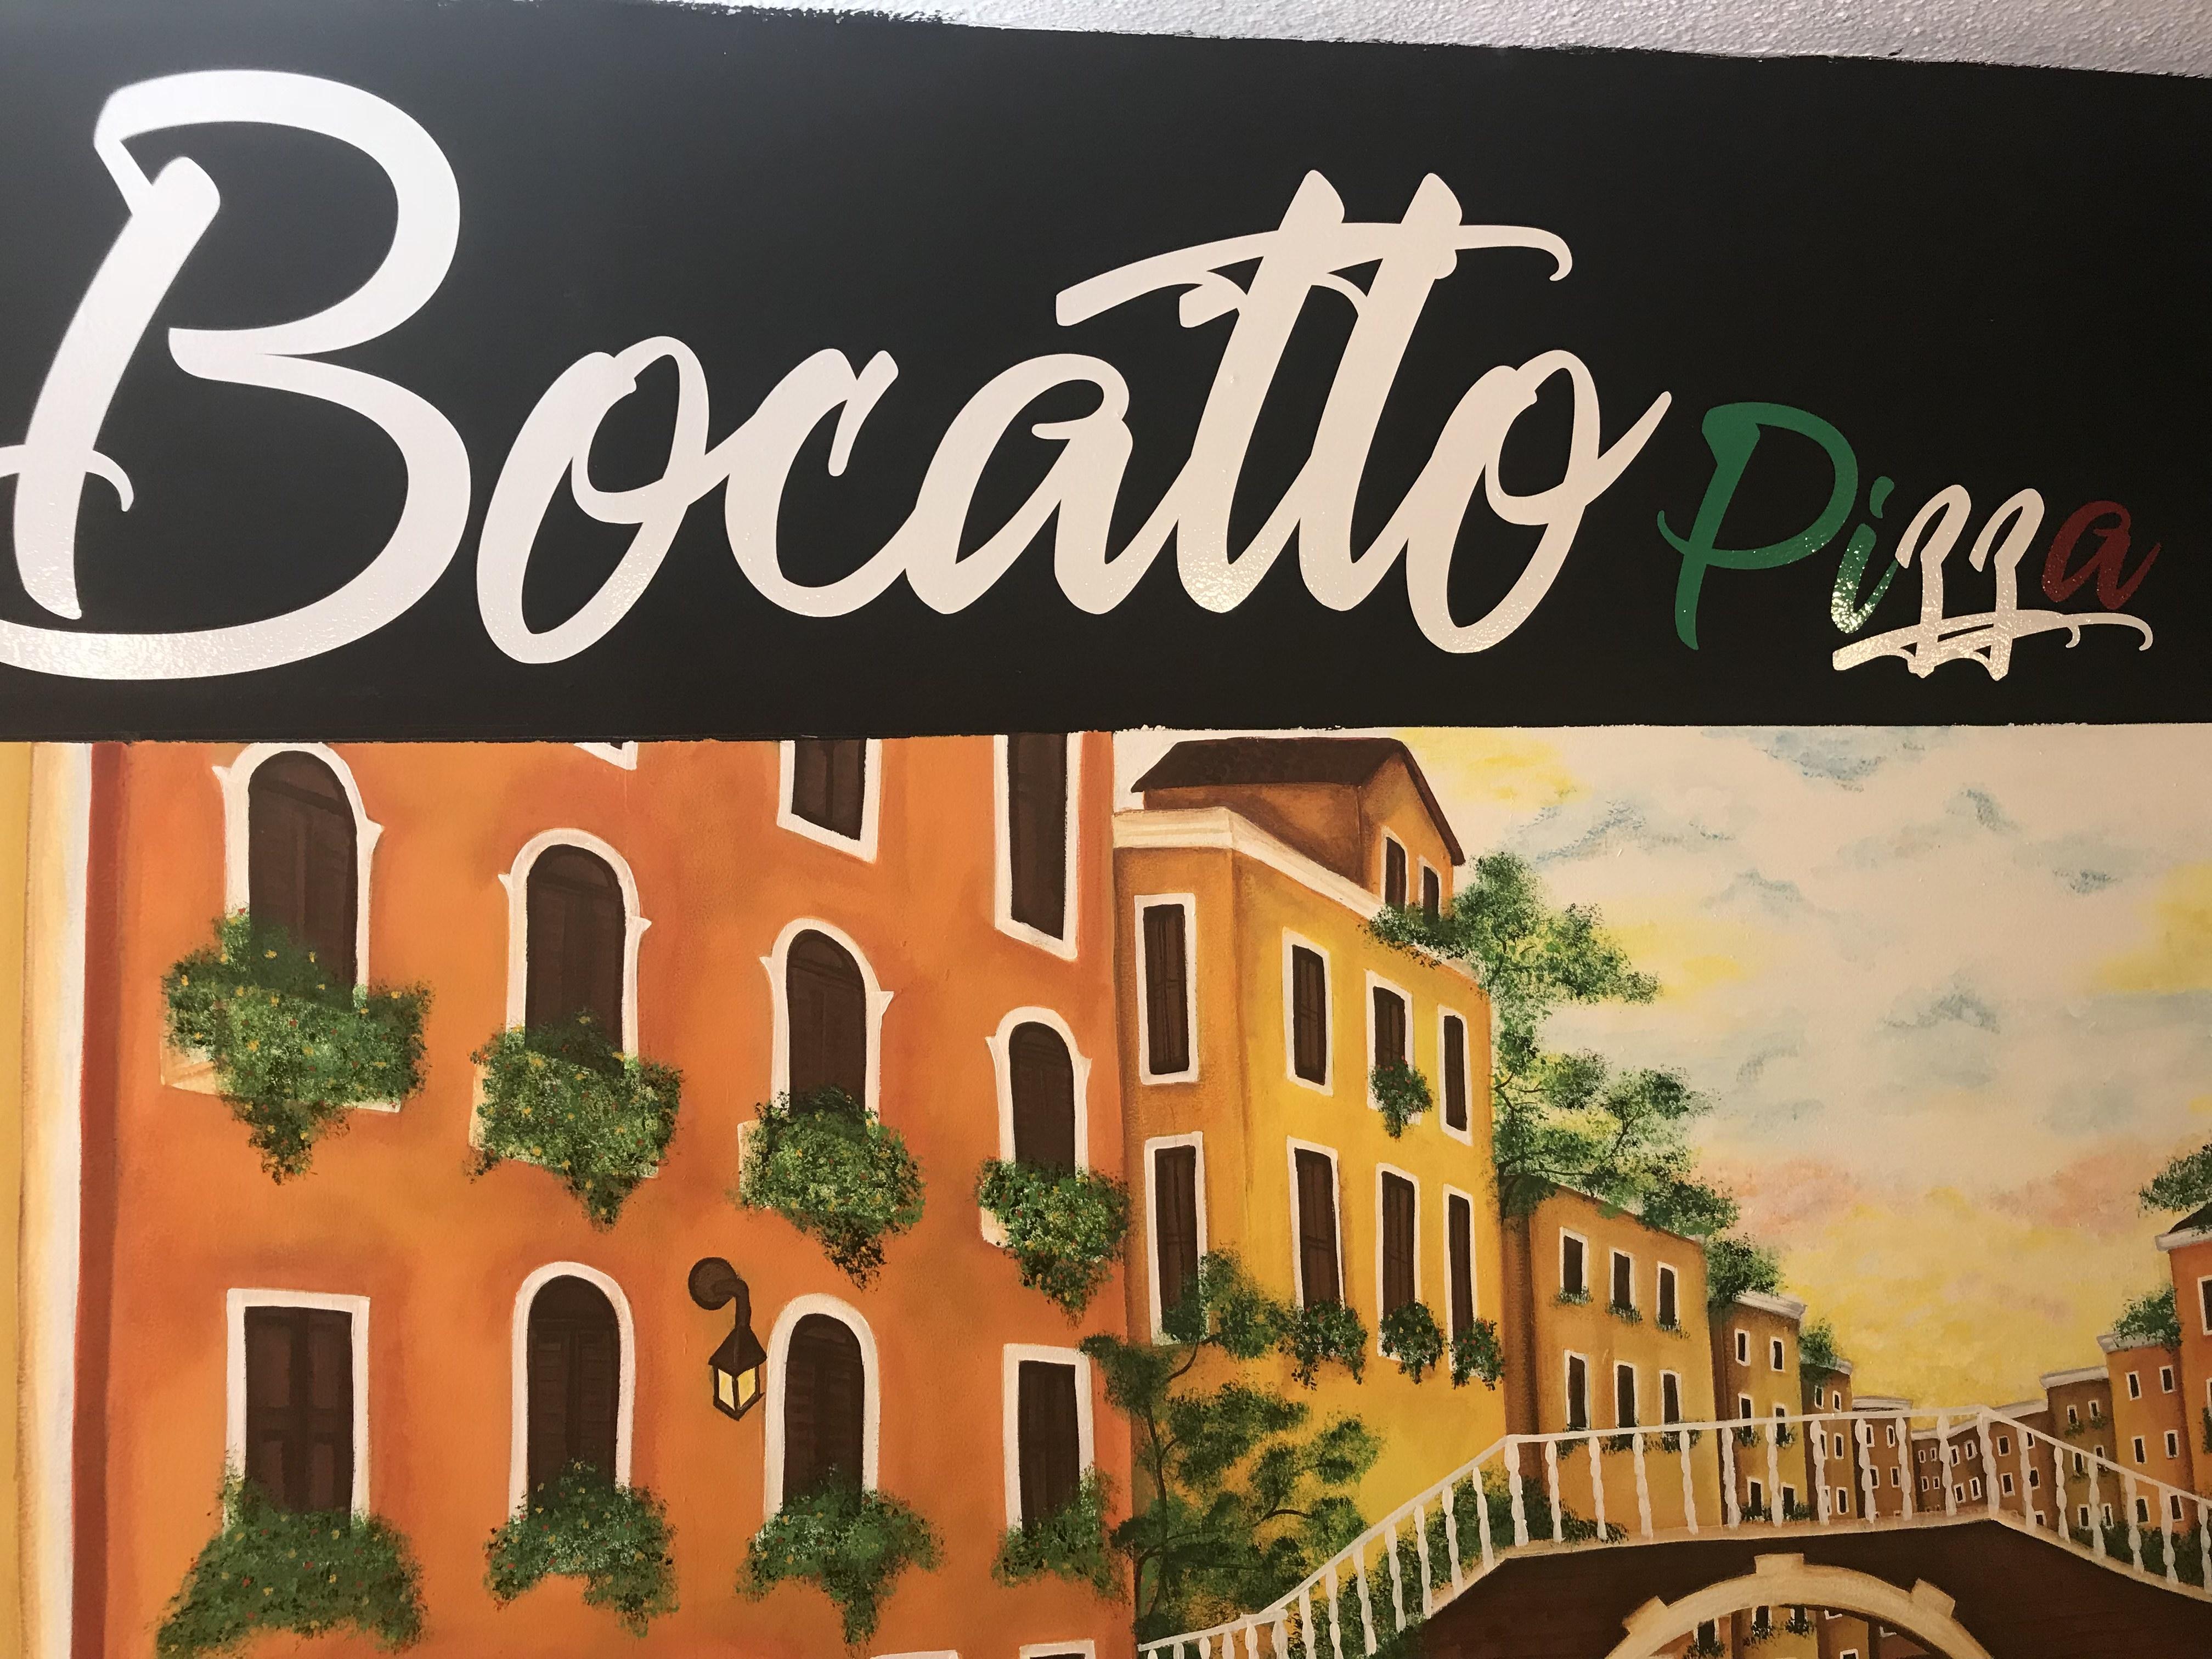 Bocatto Pizza